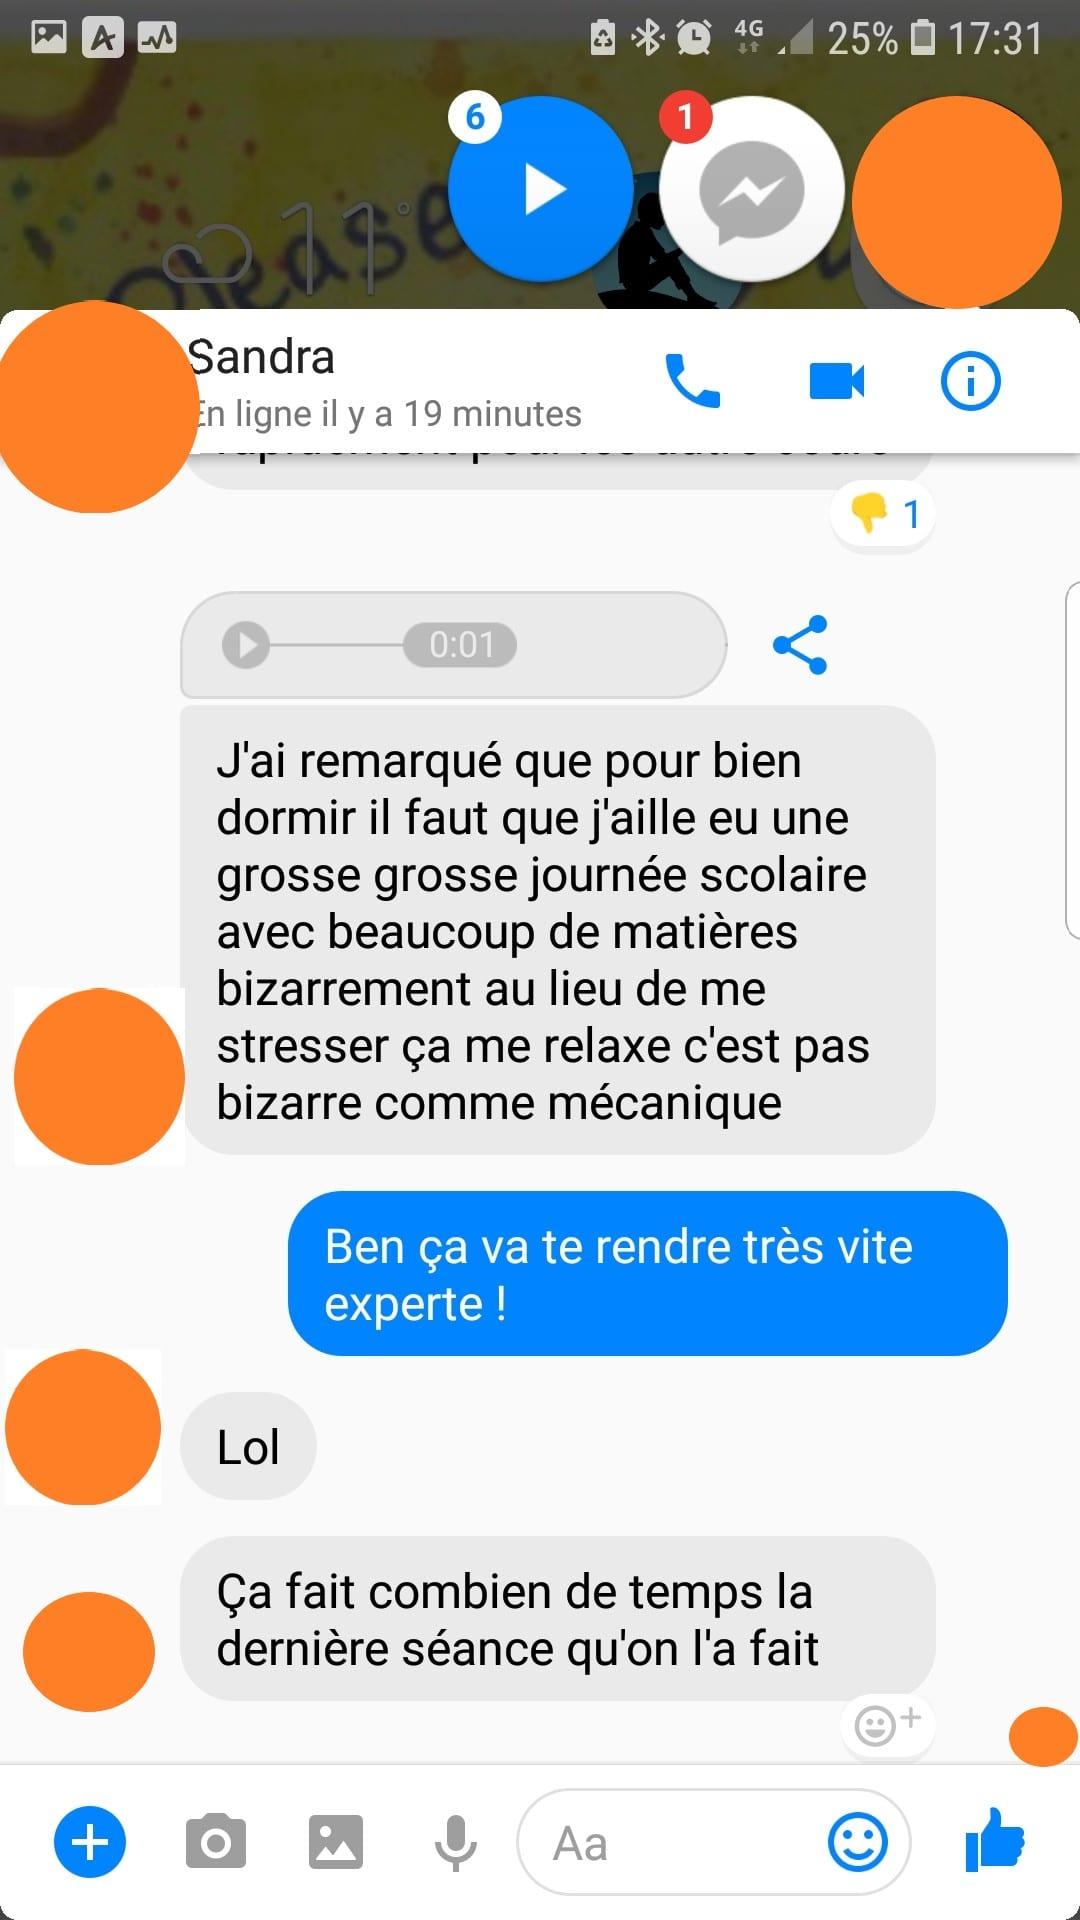 Shaff Ben Amar - Avis Sandra Hypnose et sommeil - screenshot 4 - Hypnotiseur-Paris - Bourg-la-Reine